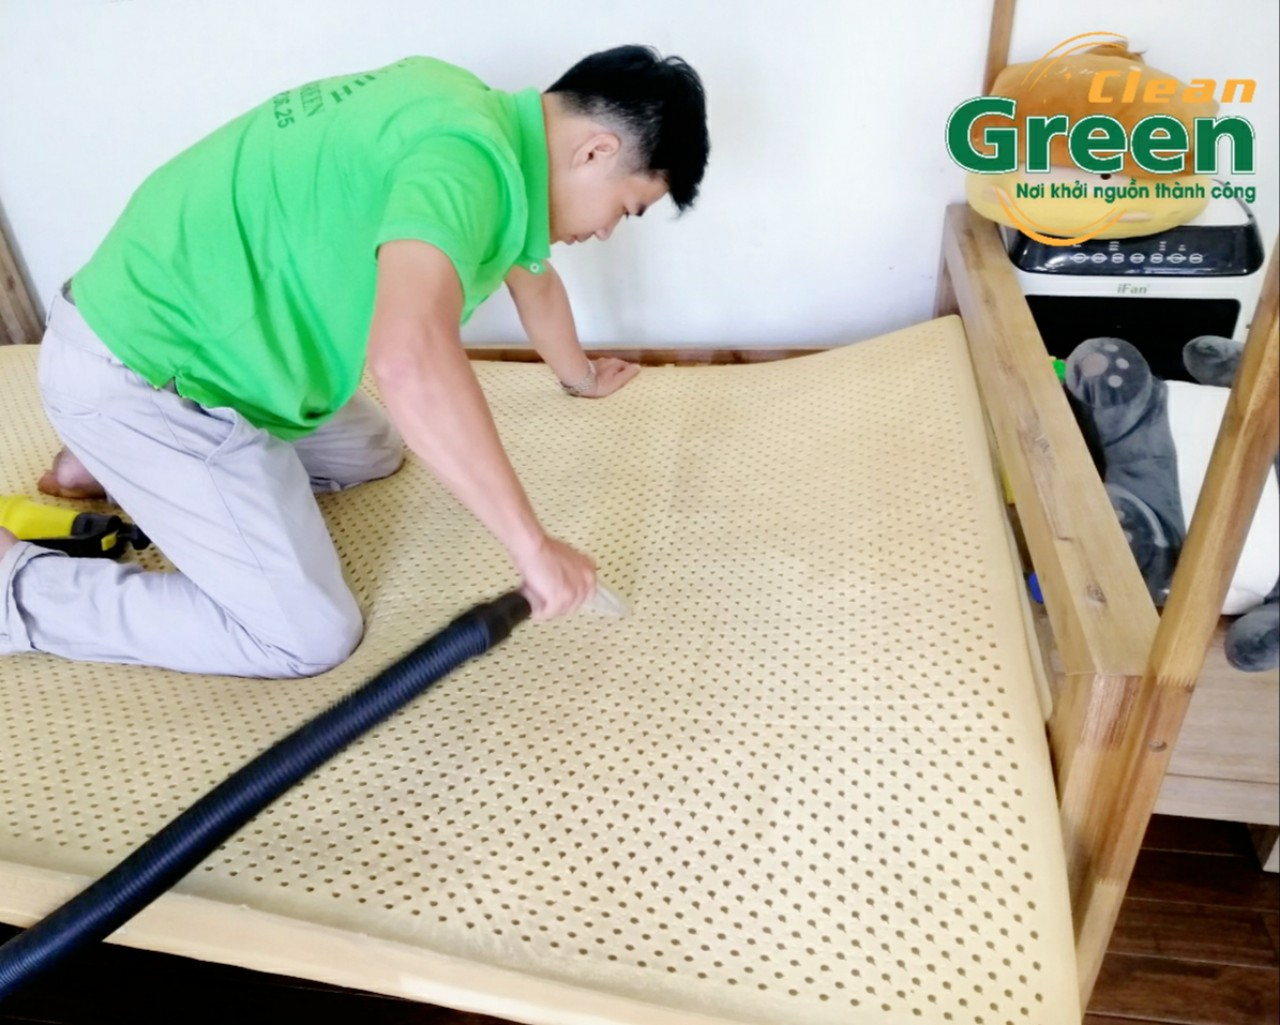 Green Clean - Dịch vụ vệ sinh nệm tại nhà Bình Dương